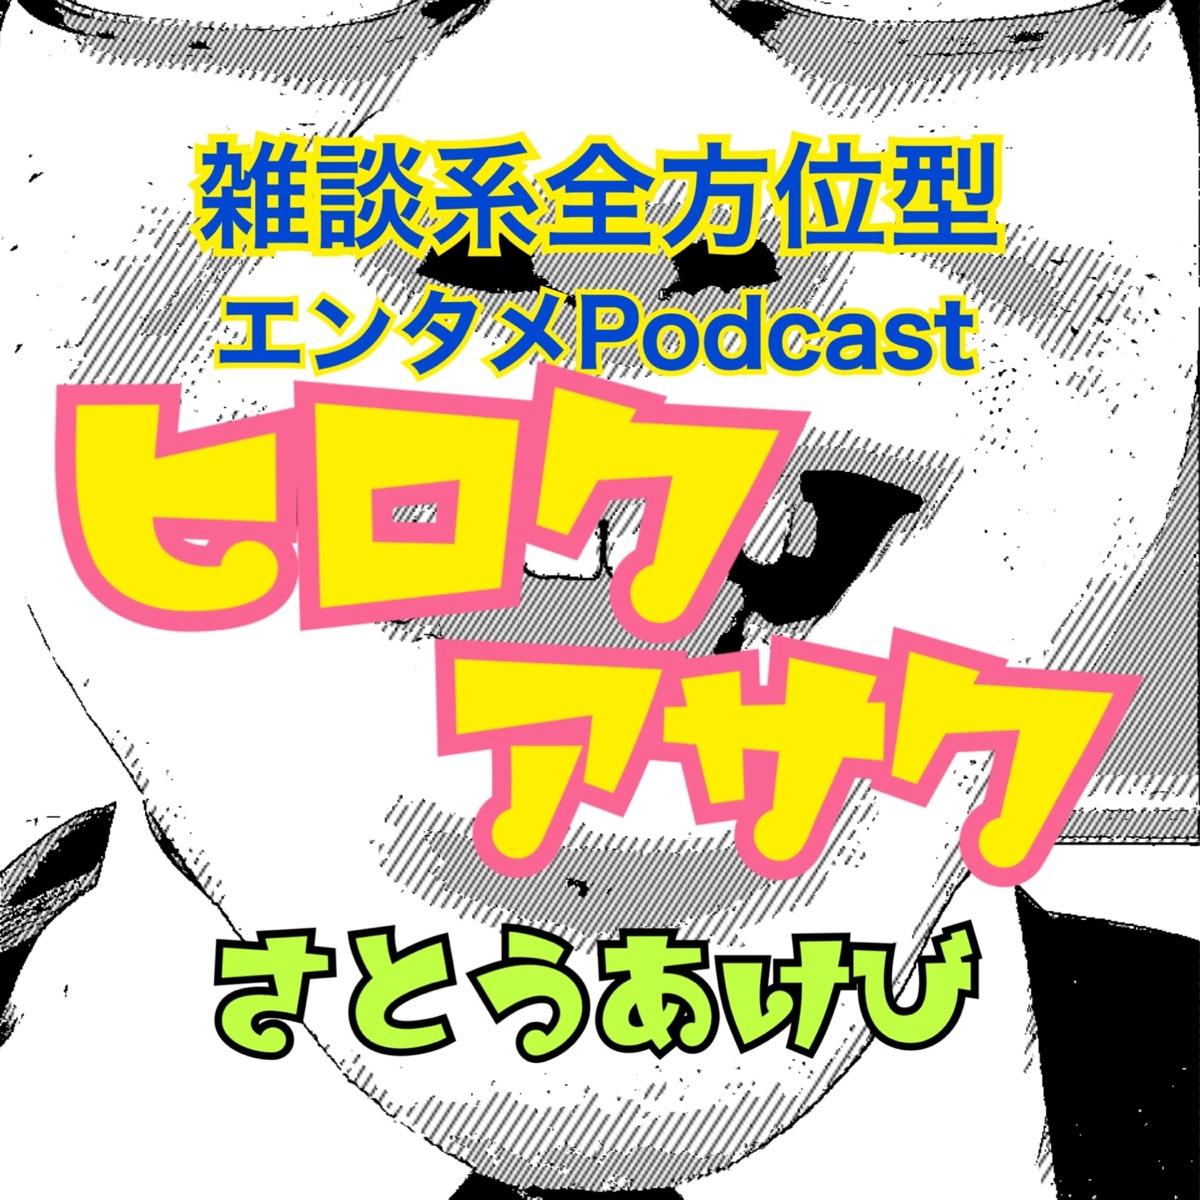 雑談系全方位型エンタメPodcast『ヒロクアサク!!』byさとうあけび